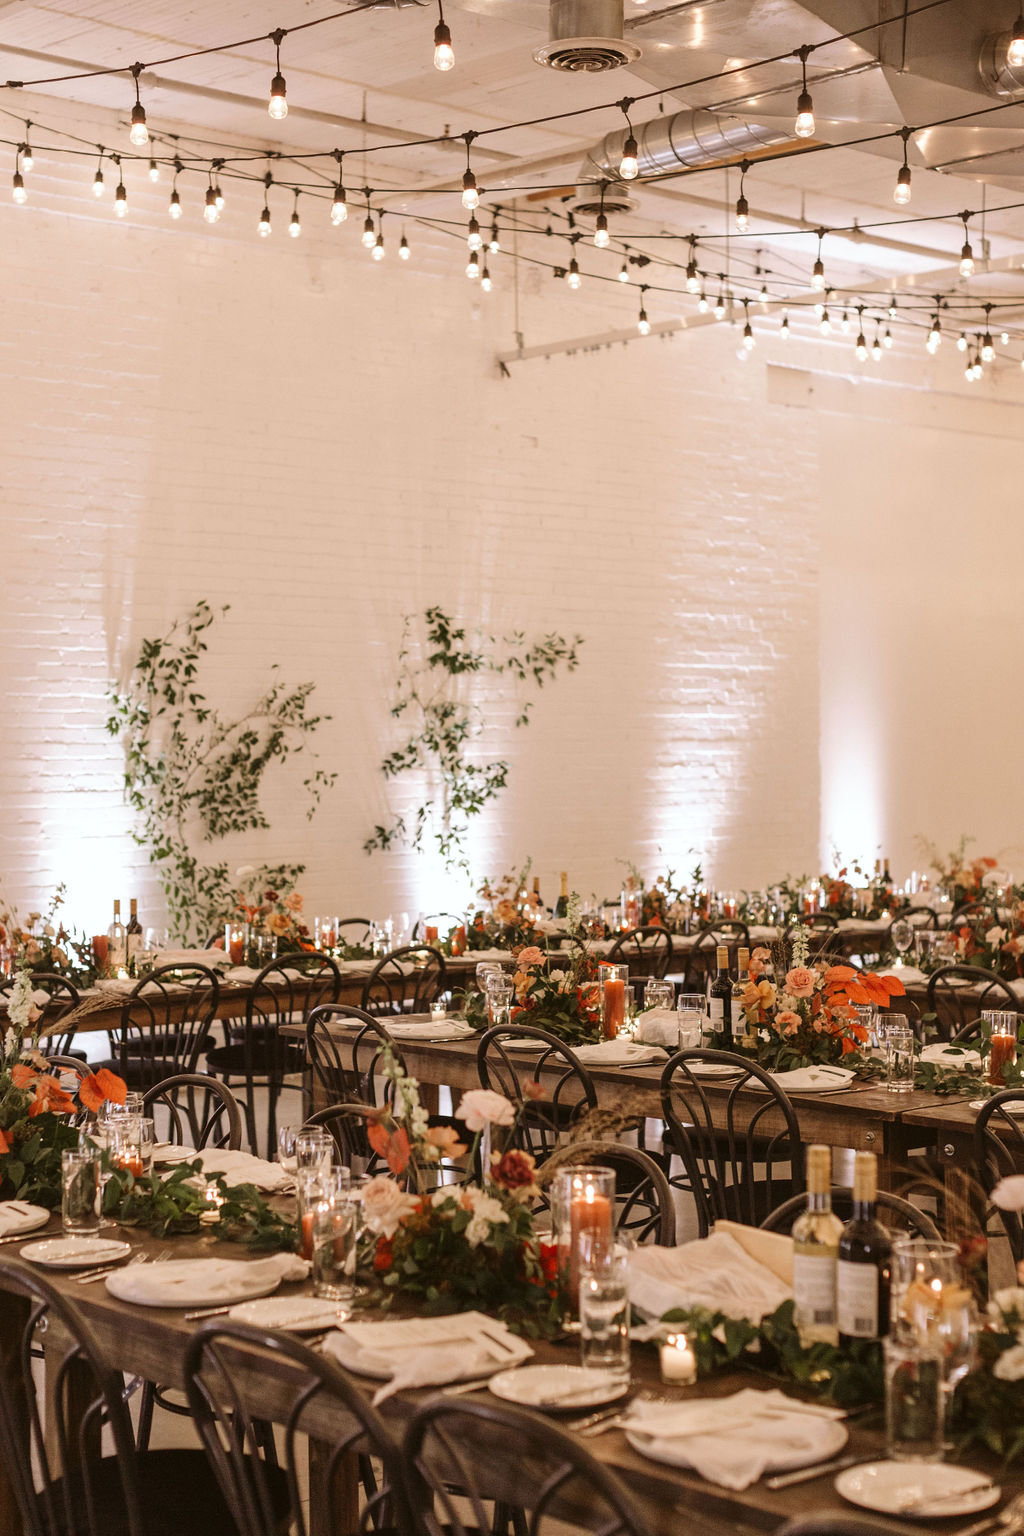 kristina+ryan_toronto+winter+wedding-691.jpg